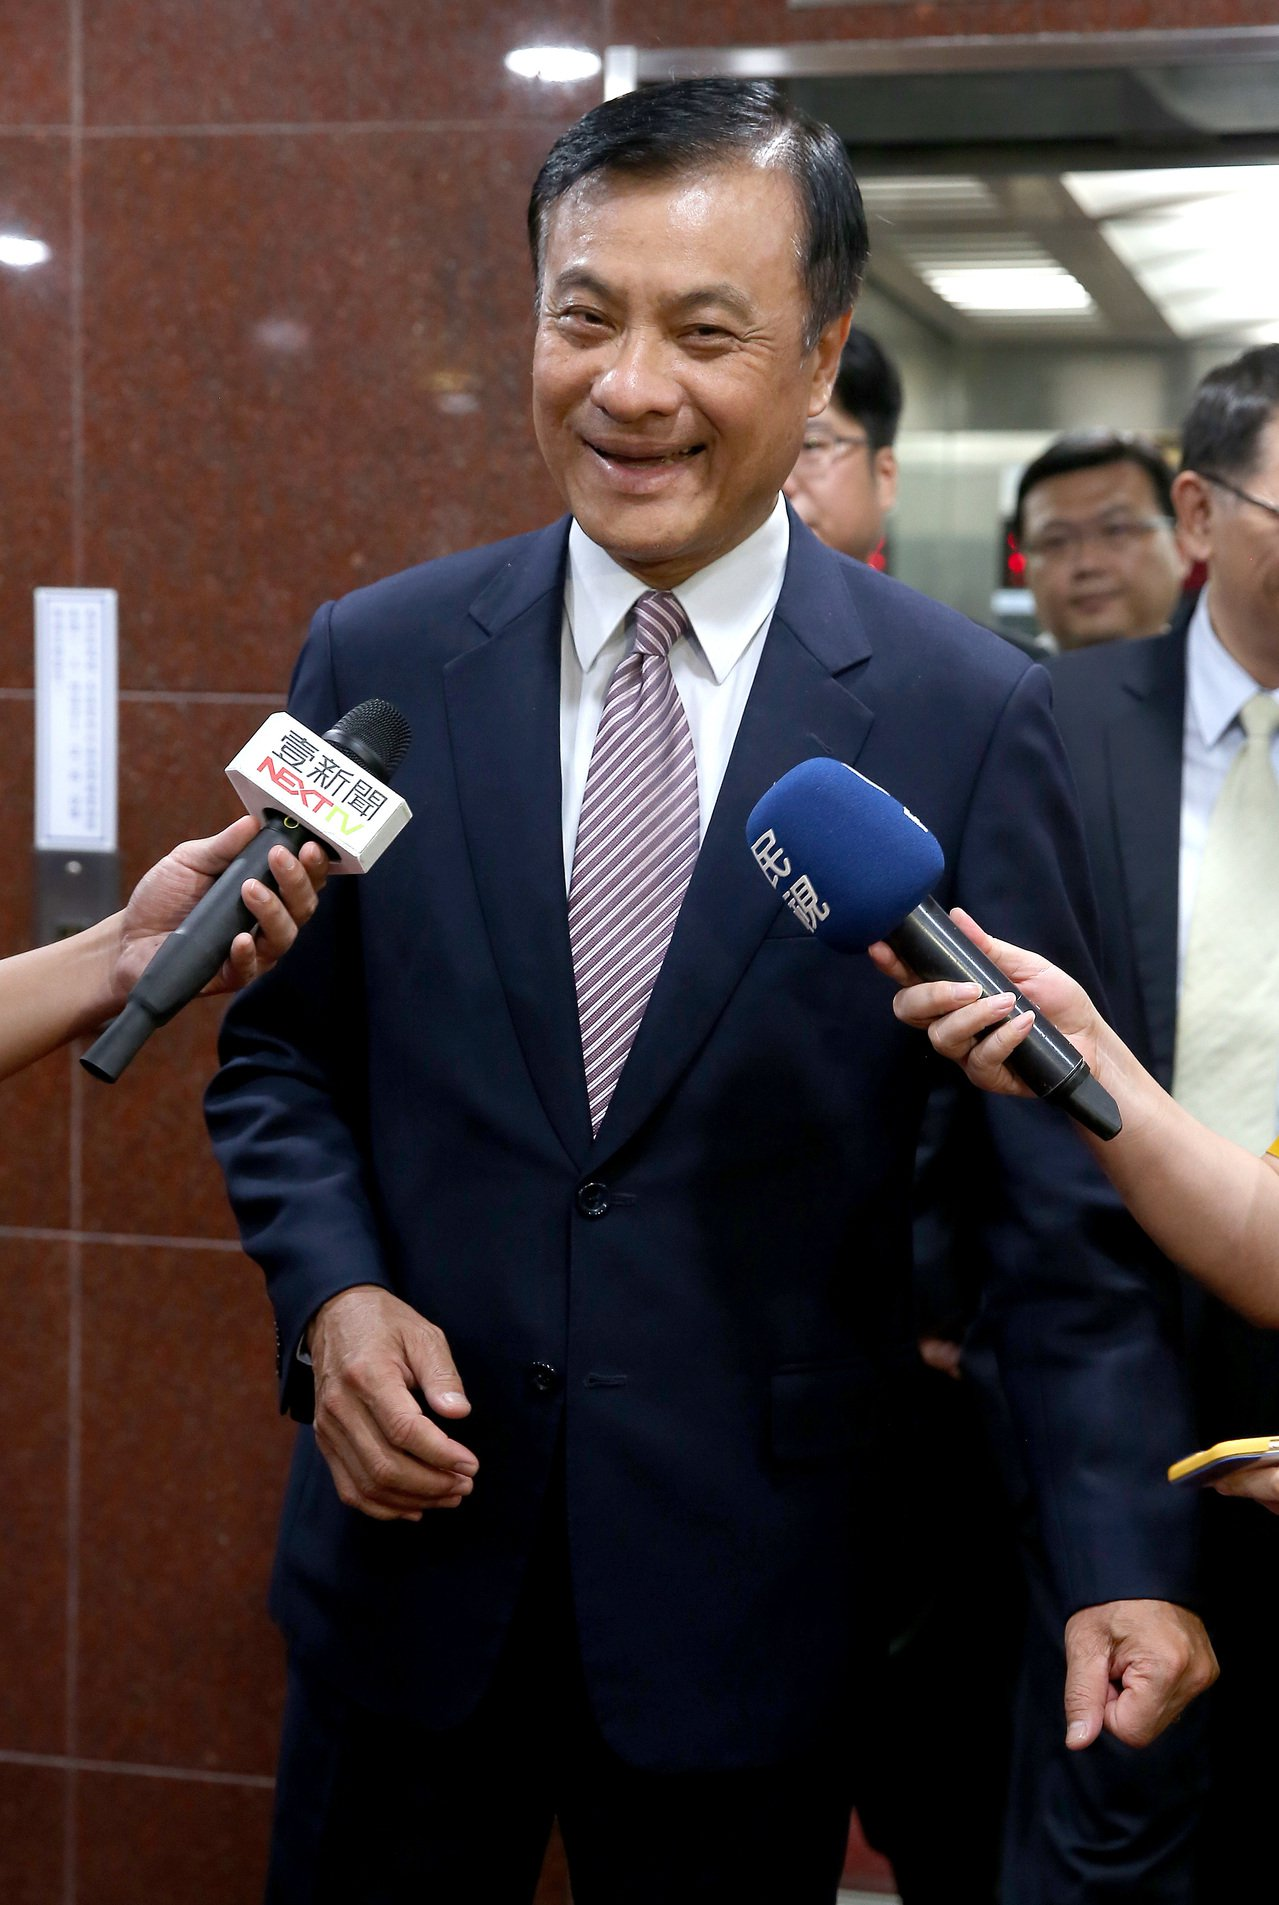 擔任國慶大會籌備委員會主委的立法院長蘇嘉全下午出席活動時接受媒體訪問,表示會依過...